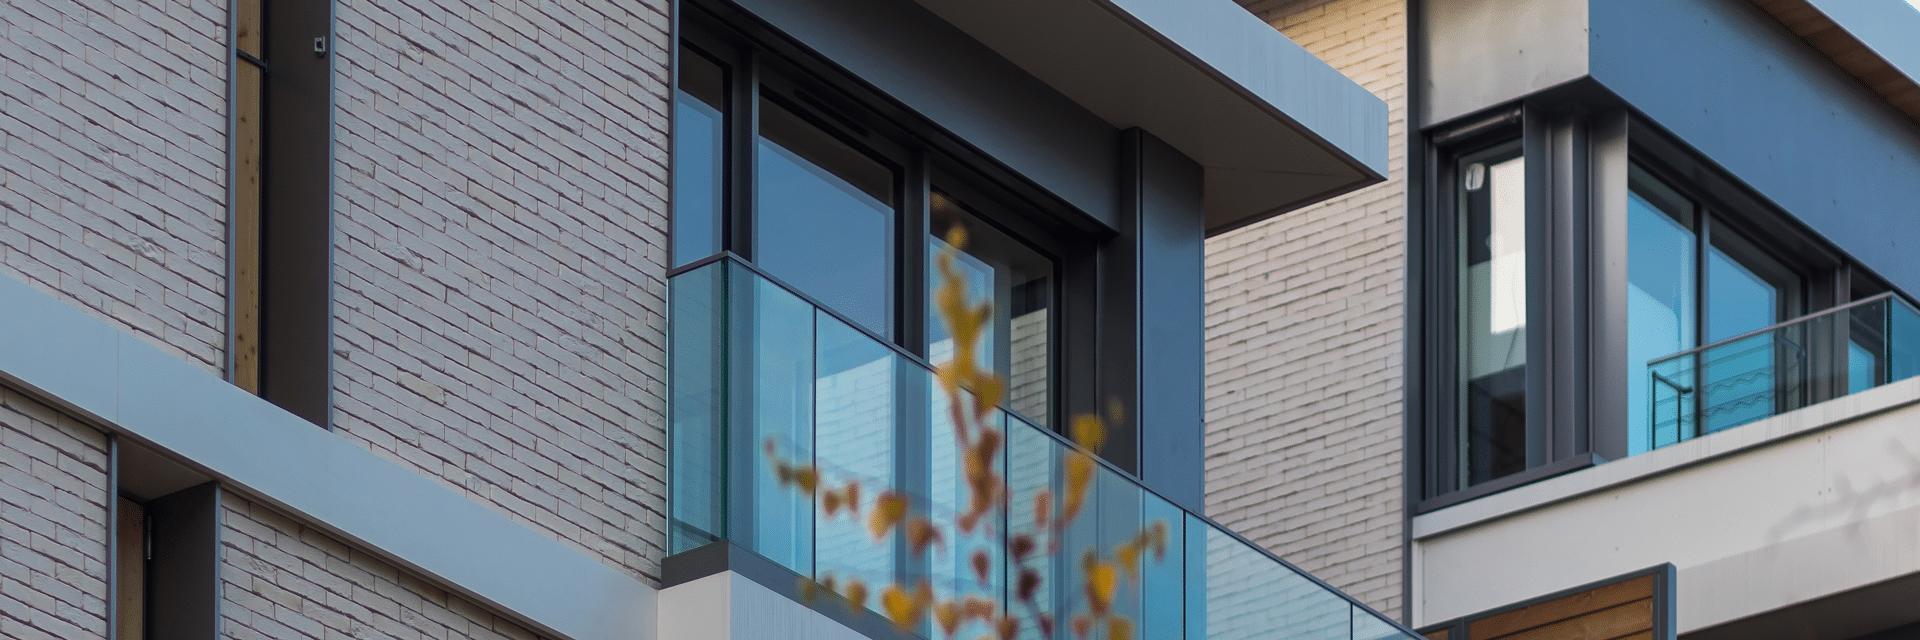 Couverture support print du groupe immobilier Perl, réalisée par l'agence de communication branding Siouxe à Paris.